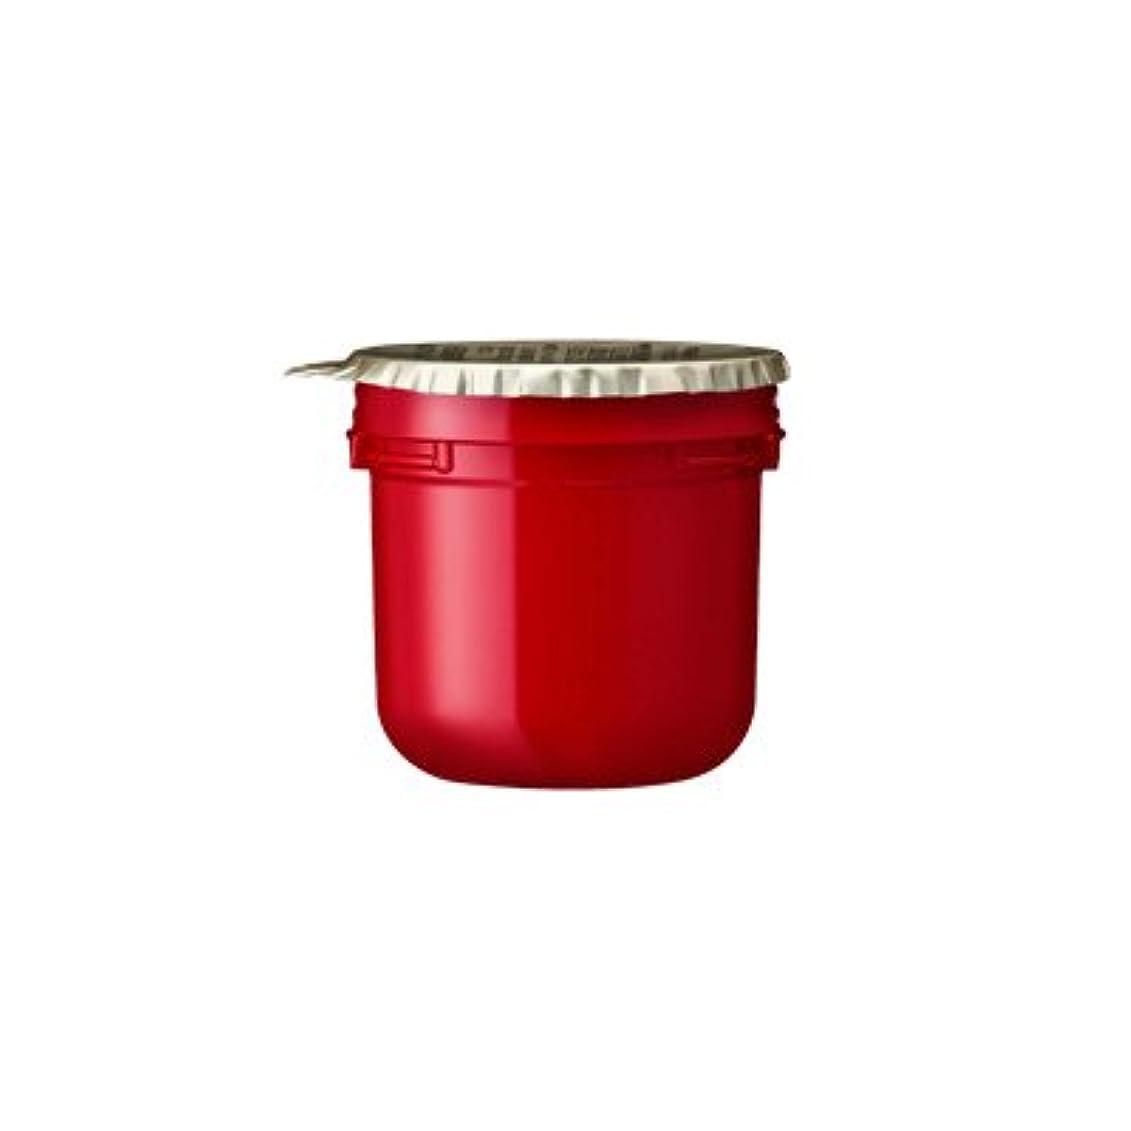 コロニアル乱気流バケットフジフイルム アスタリフト クリーム (レフィル) 30g リニューアル (4547410340594)並行輸入品